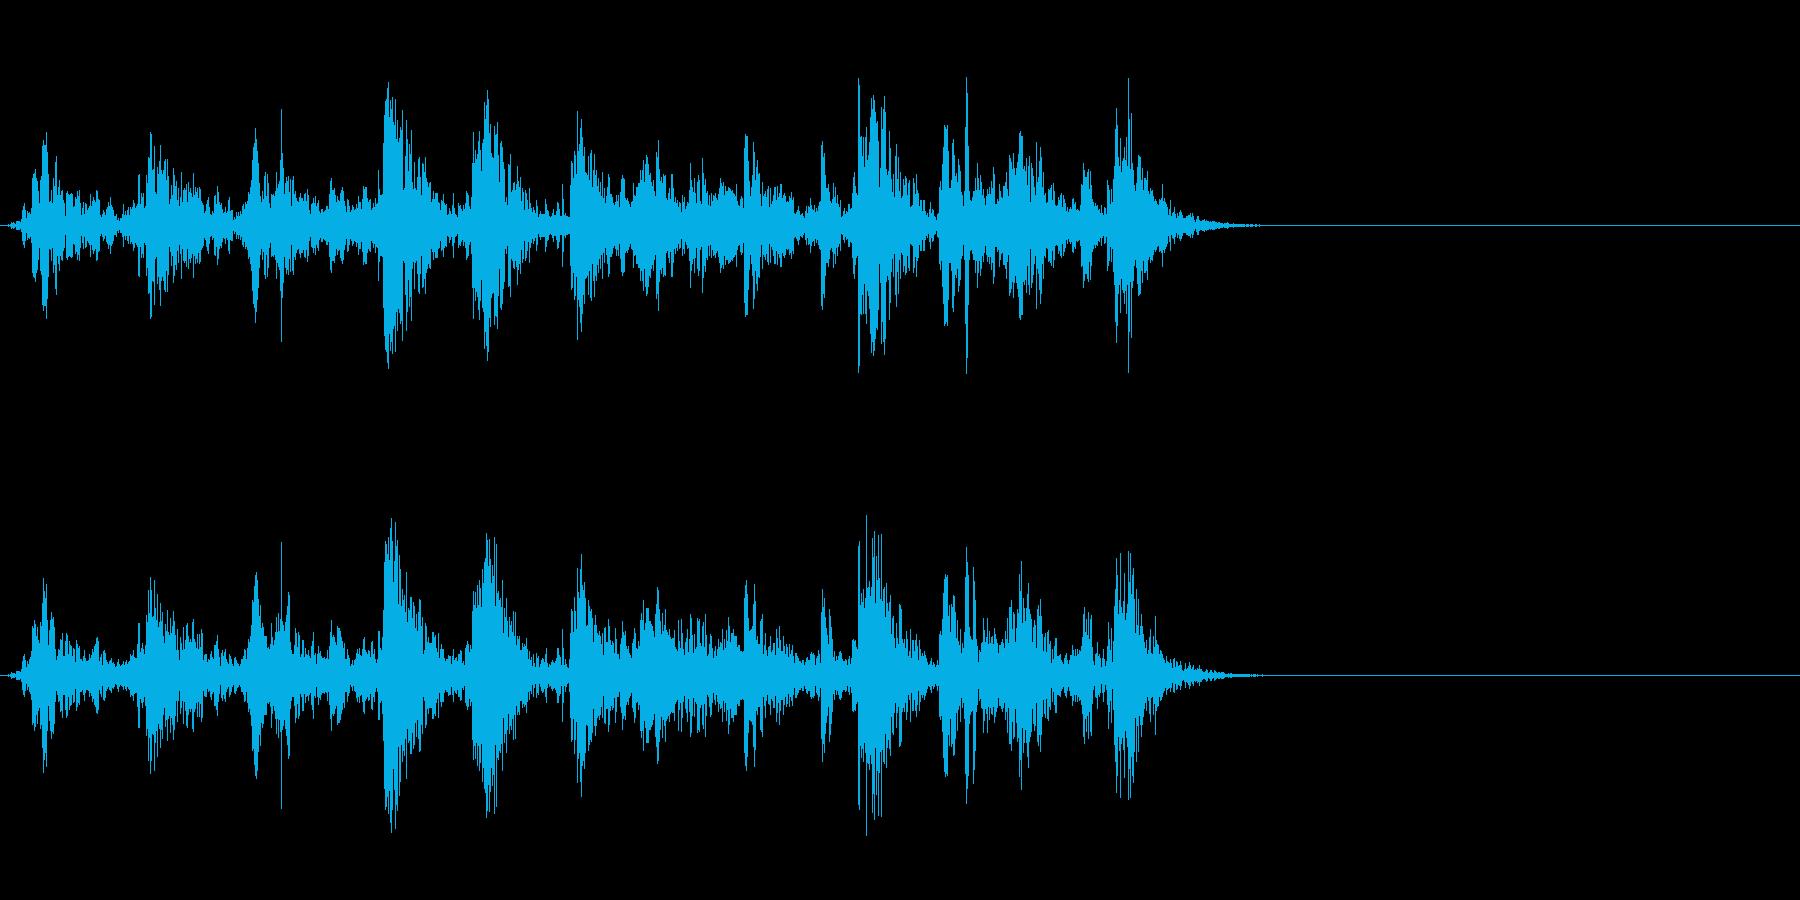 ブクブク!泡や水など特有の効果音!01の再生済みの波形